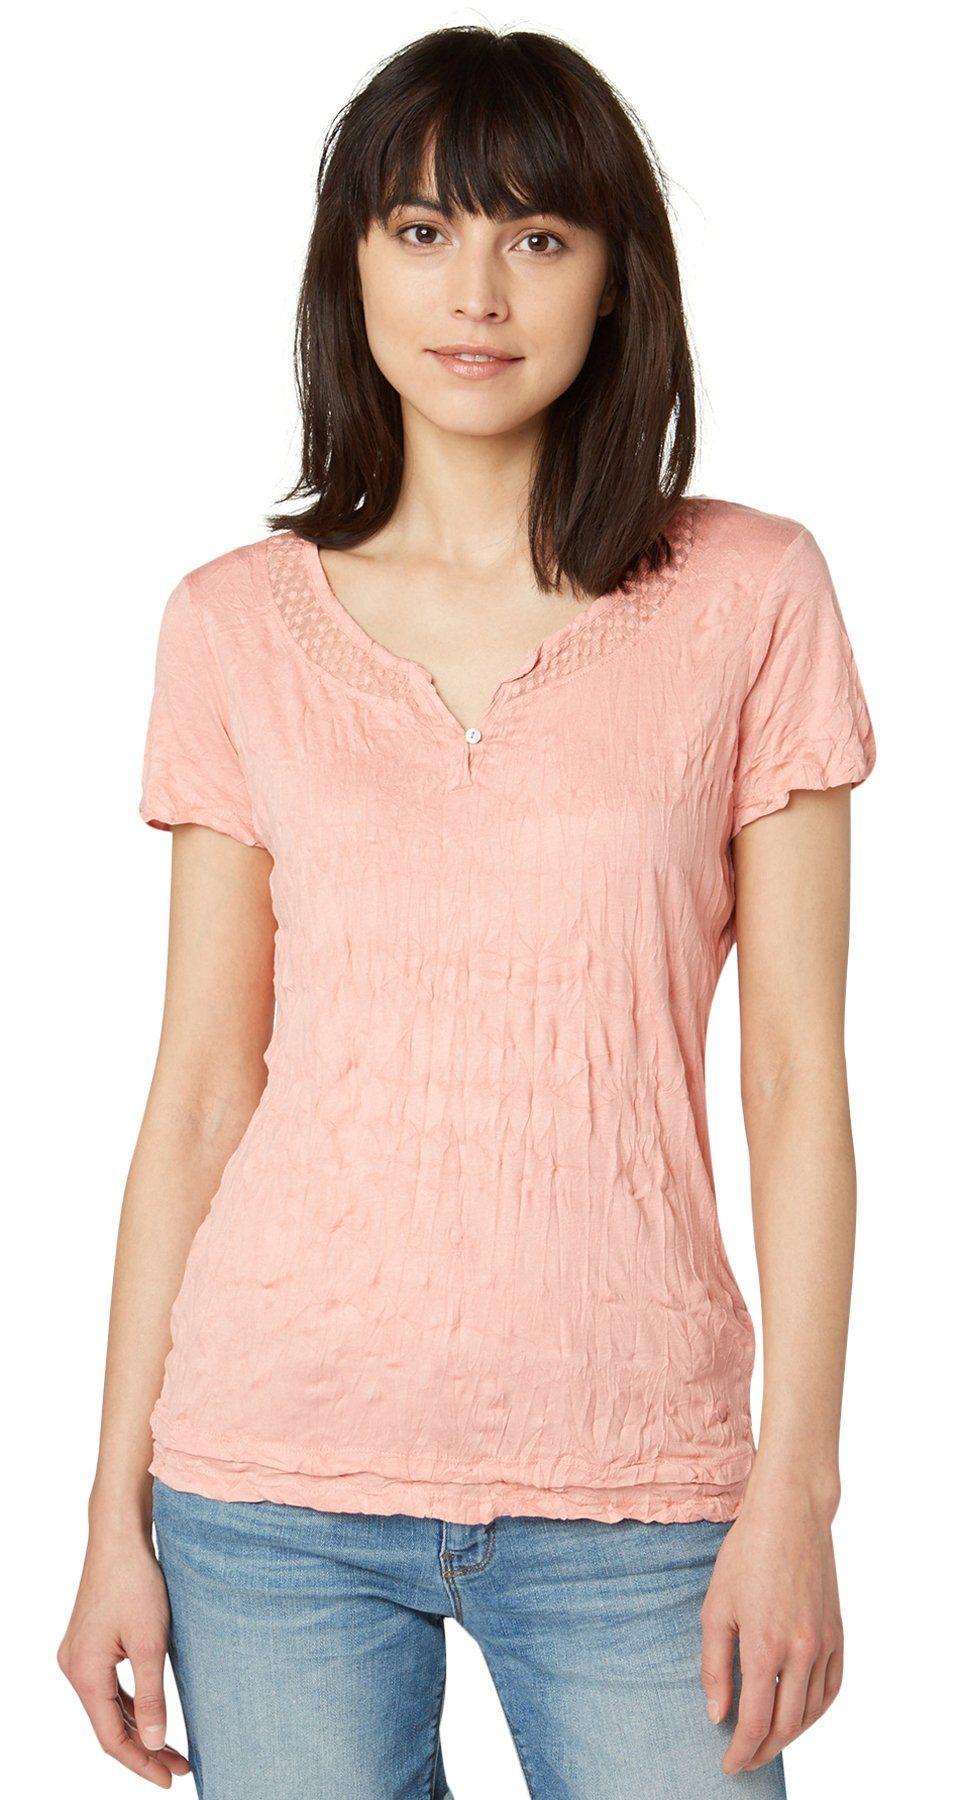 TOM TAILOR T-Shirt »feminines T-Shirt in Knitter-Optik«